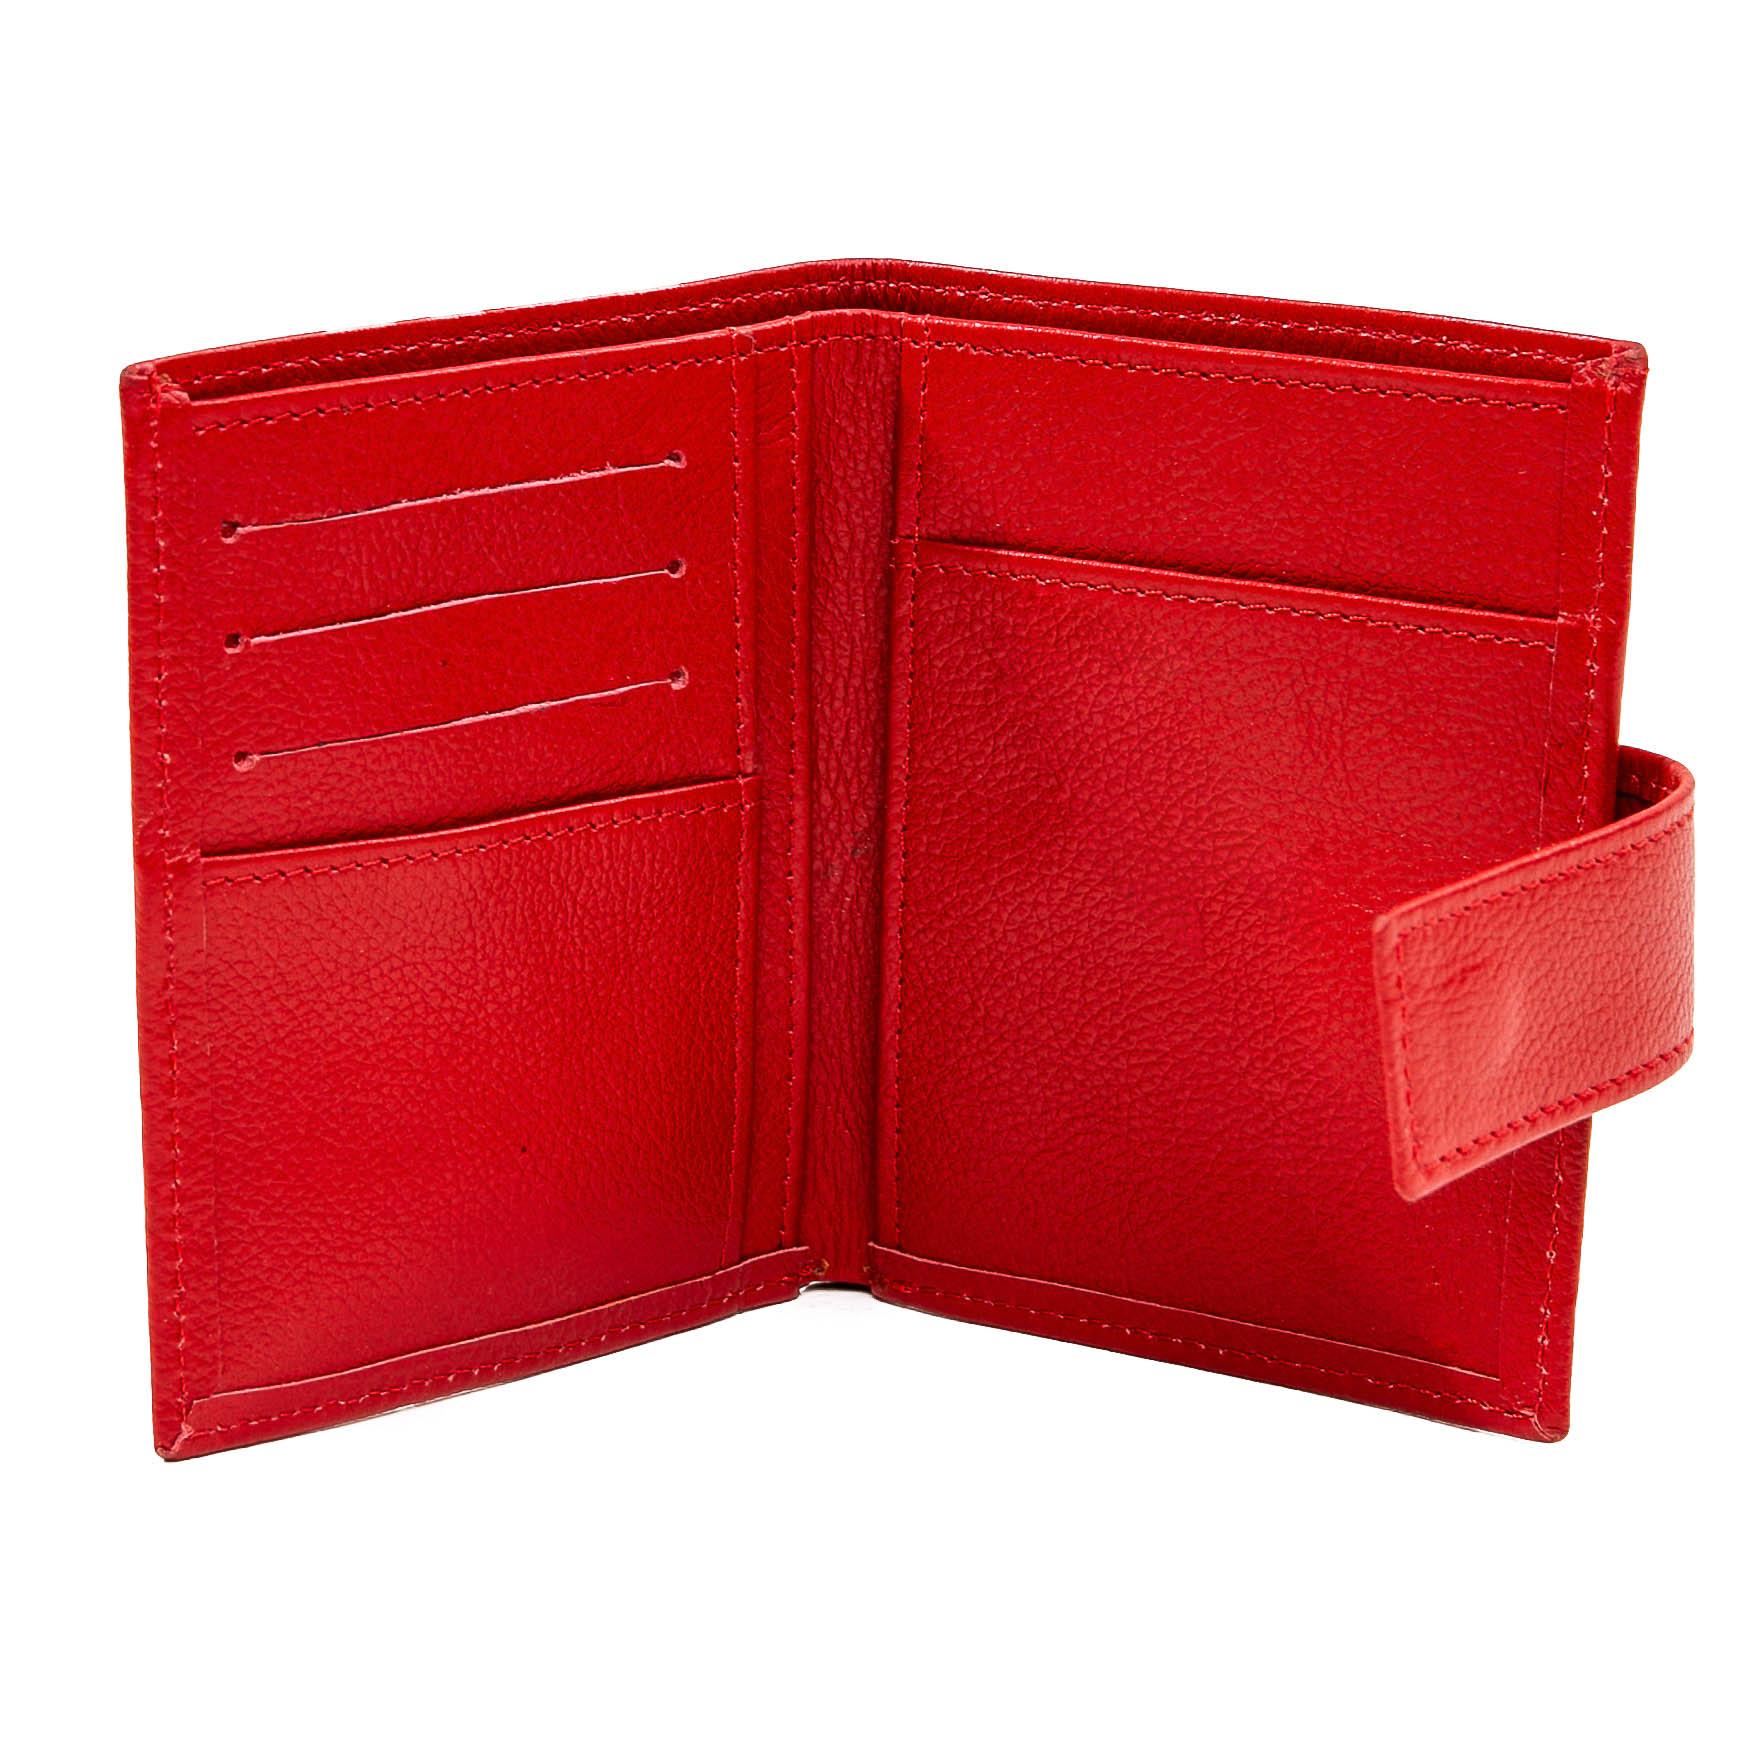 Carteira porta documentos couro liso vermelho  - Cellso Afonso